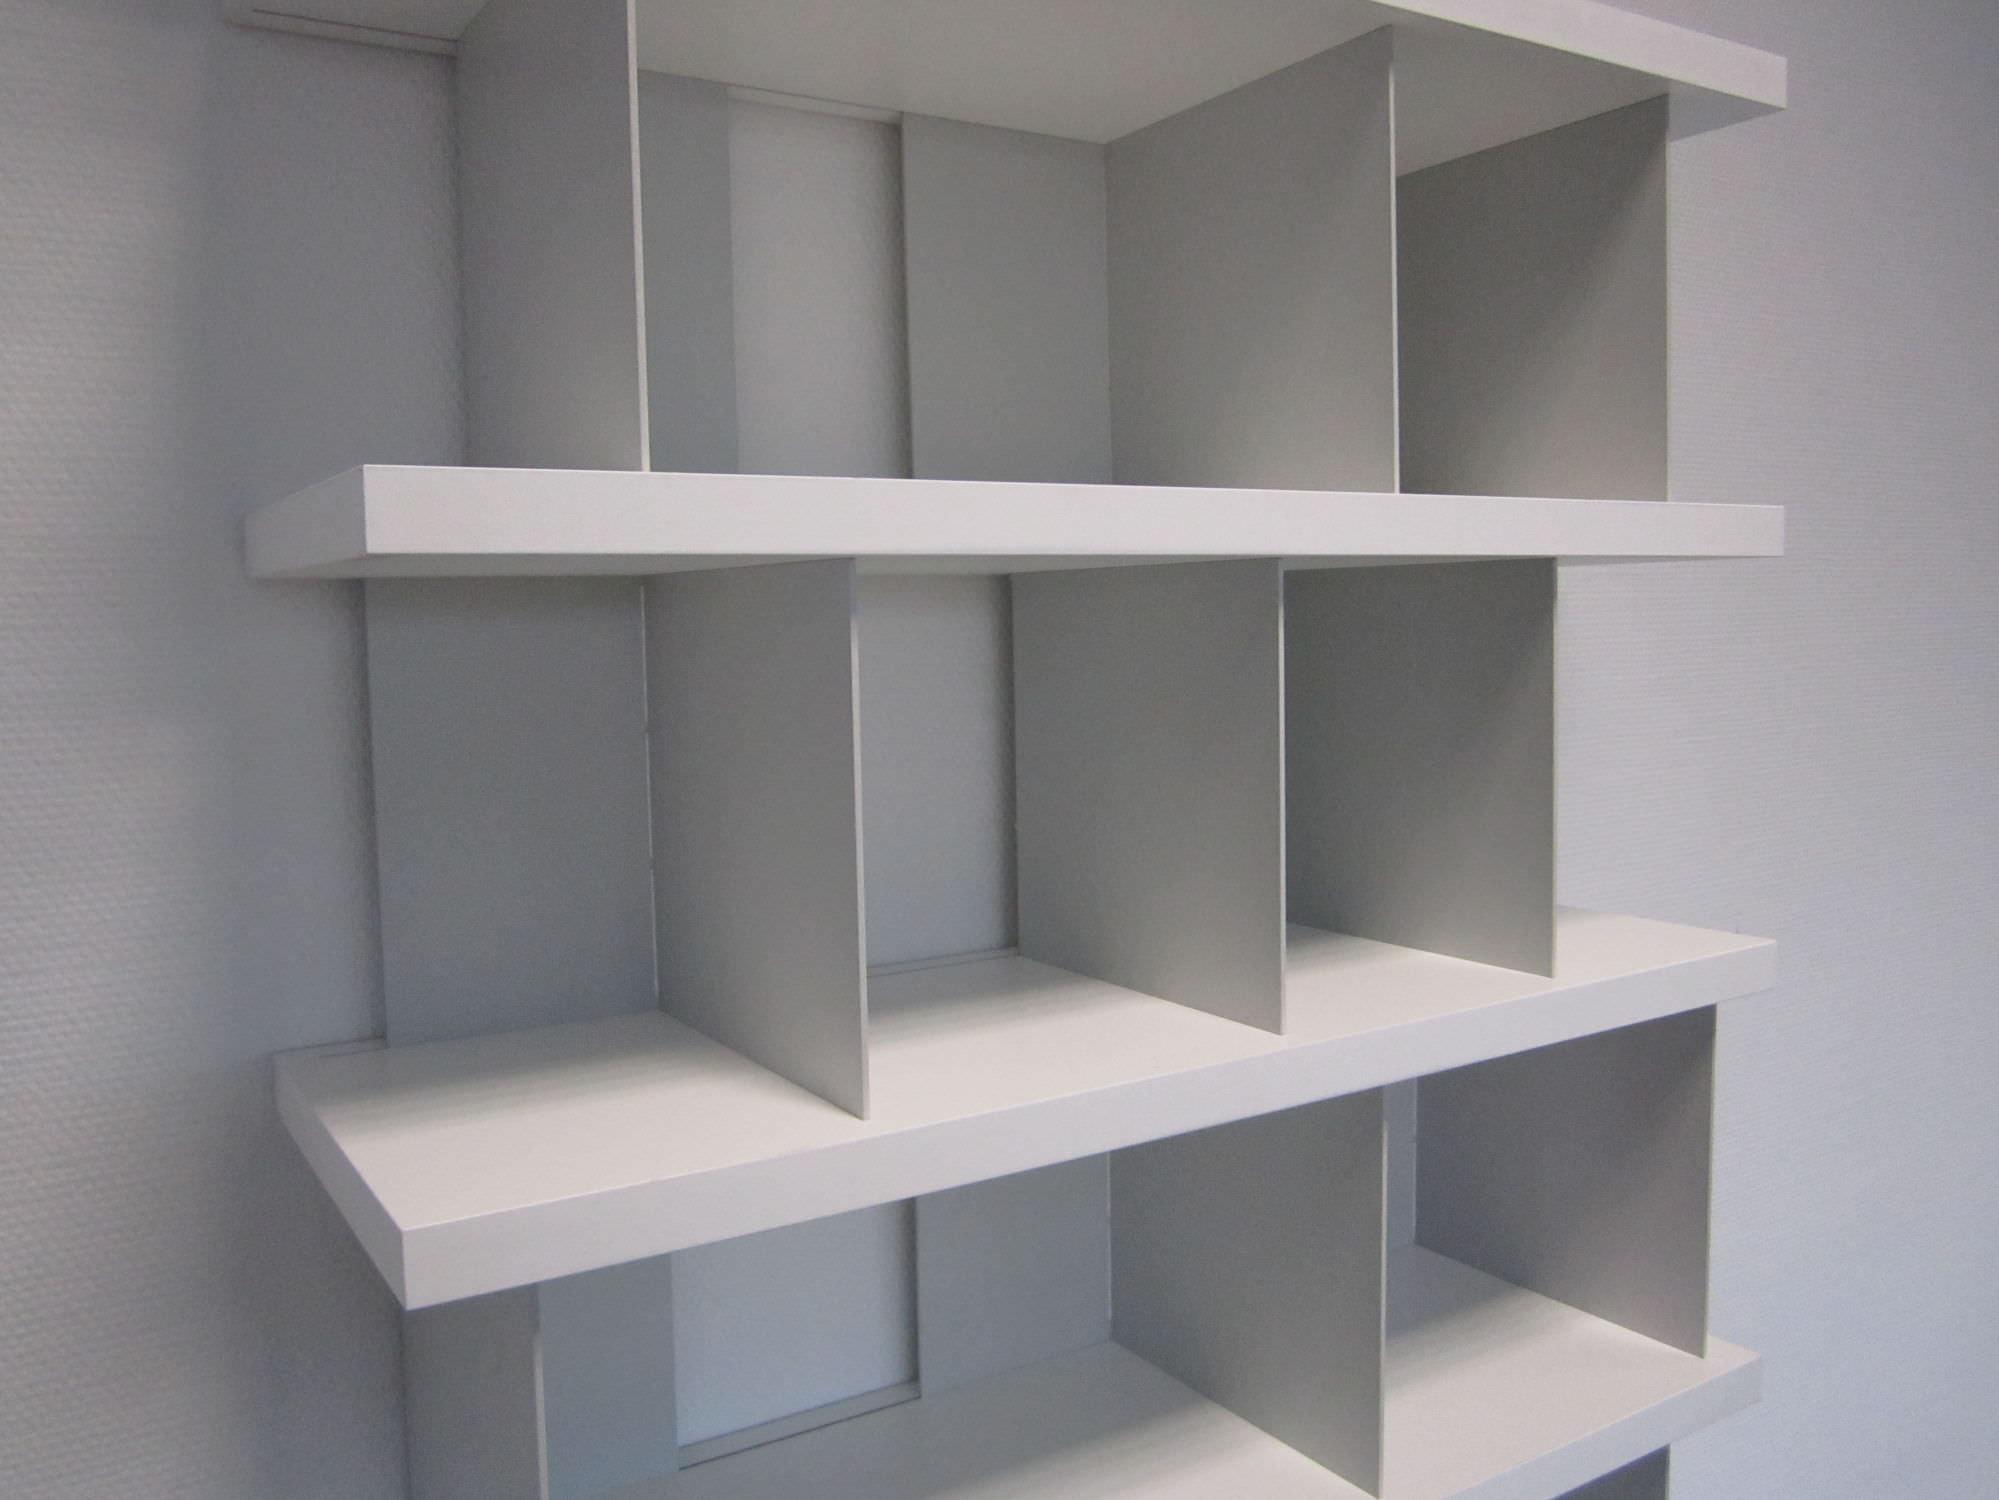 Tojo Möbel modular shelf contemporary mdf bieg by eigenwert tojo